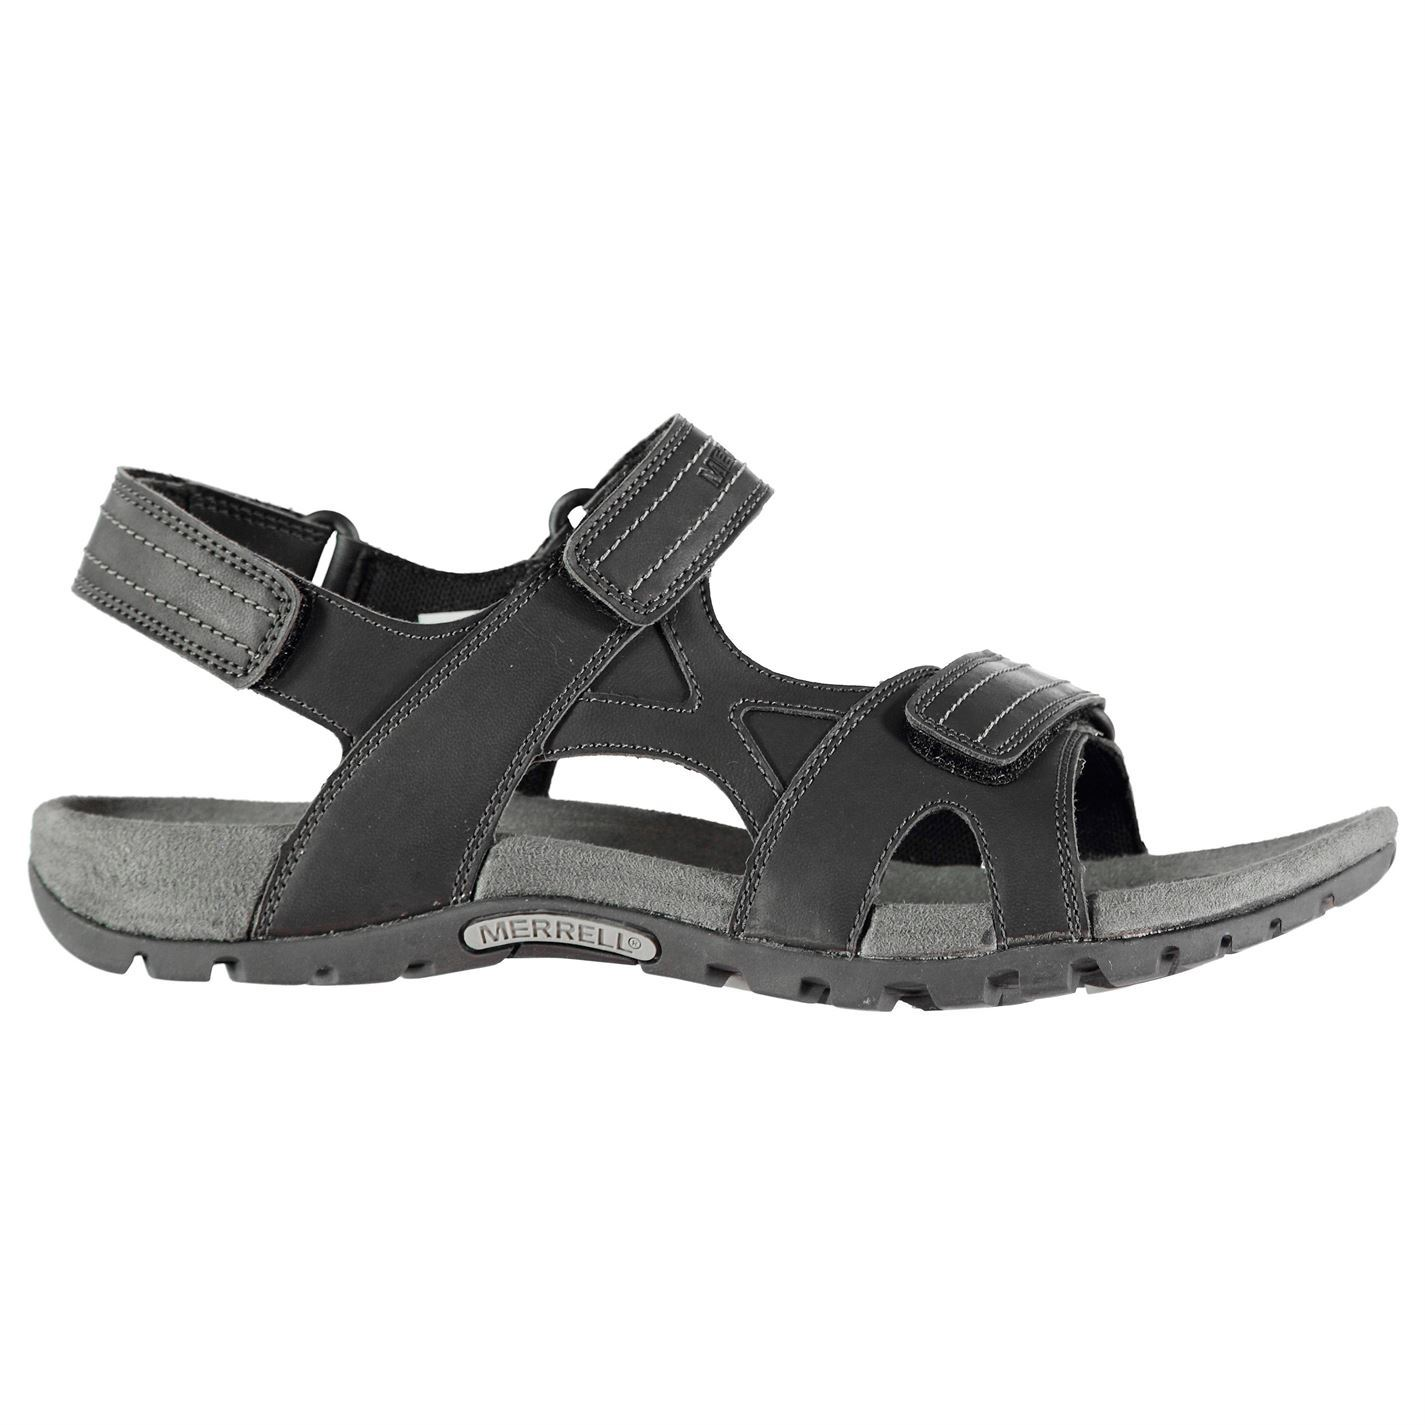 Merrell-Sandspur-Rift-Strap-Mens-Sandals-Outdoor-Footwear-Flip-Flops thumbnail 3